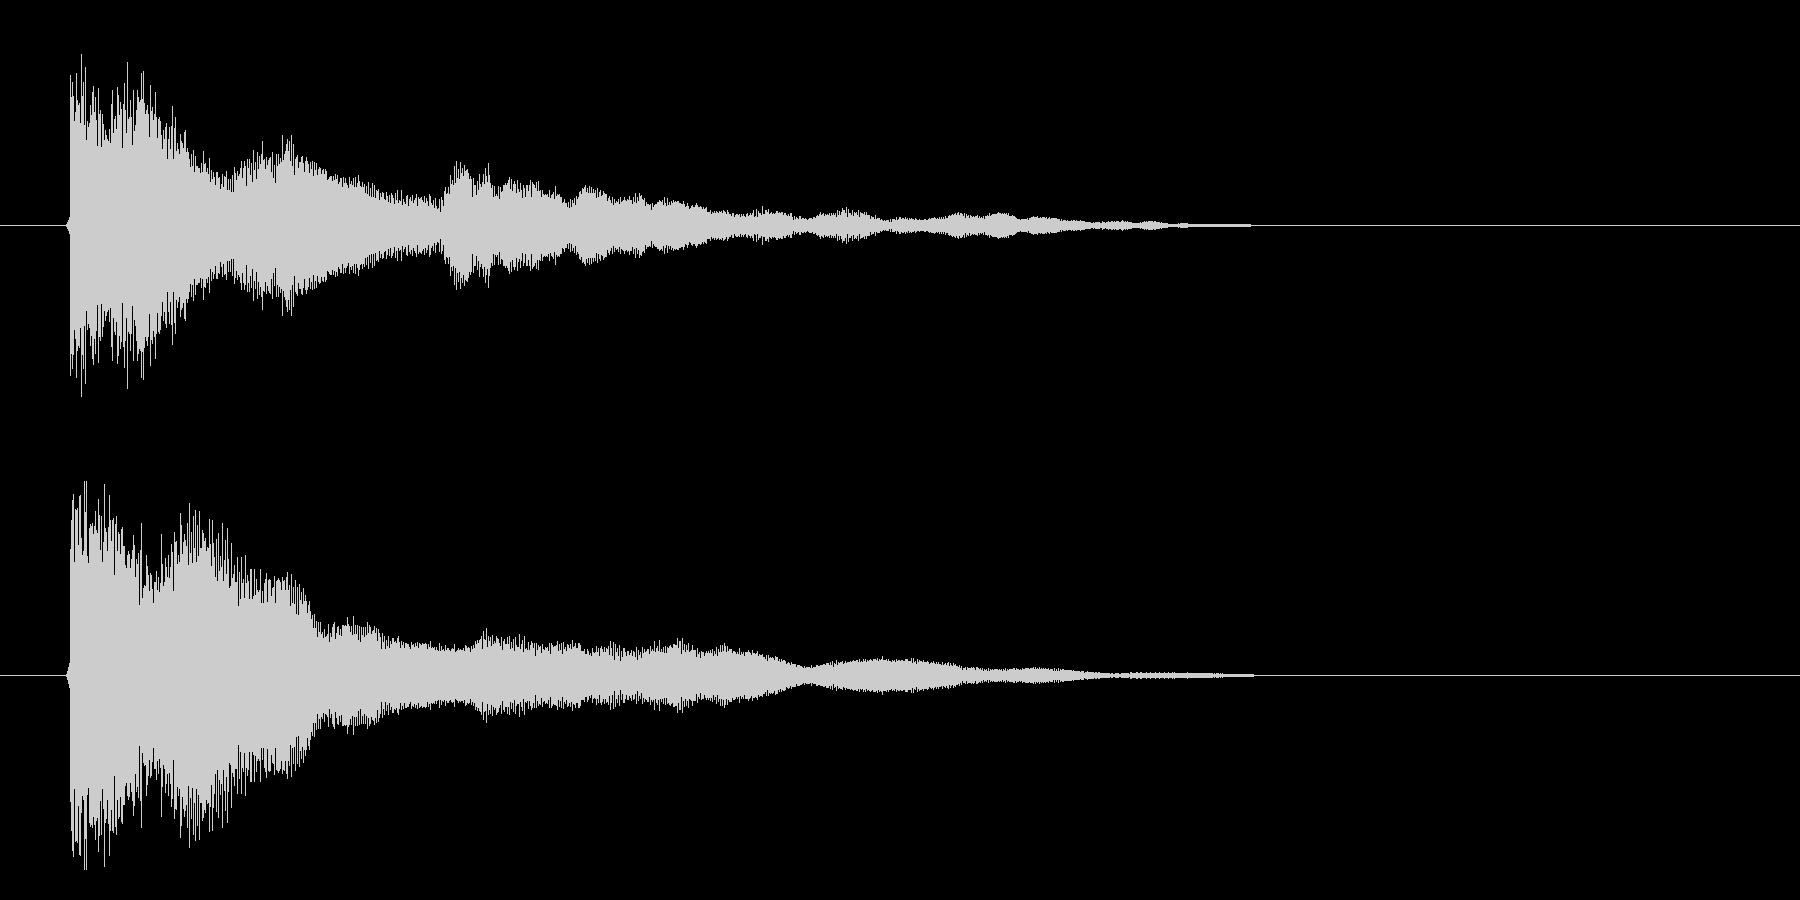 ガキーーーン 剣が強くぶつかる音 剣を…の未再生の波形